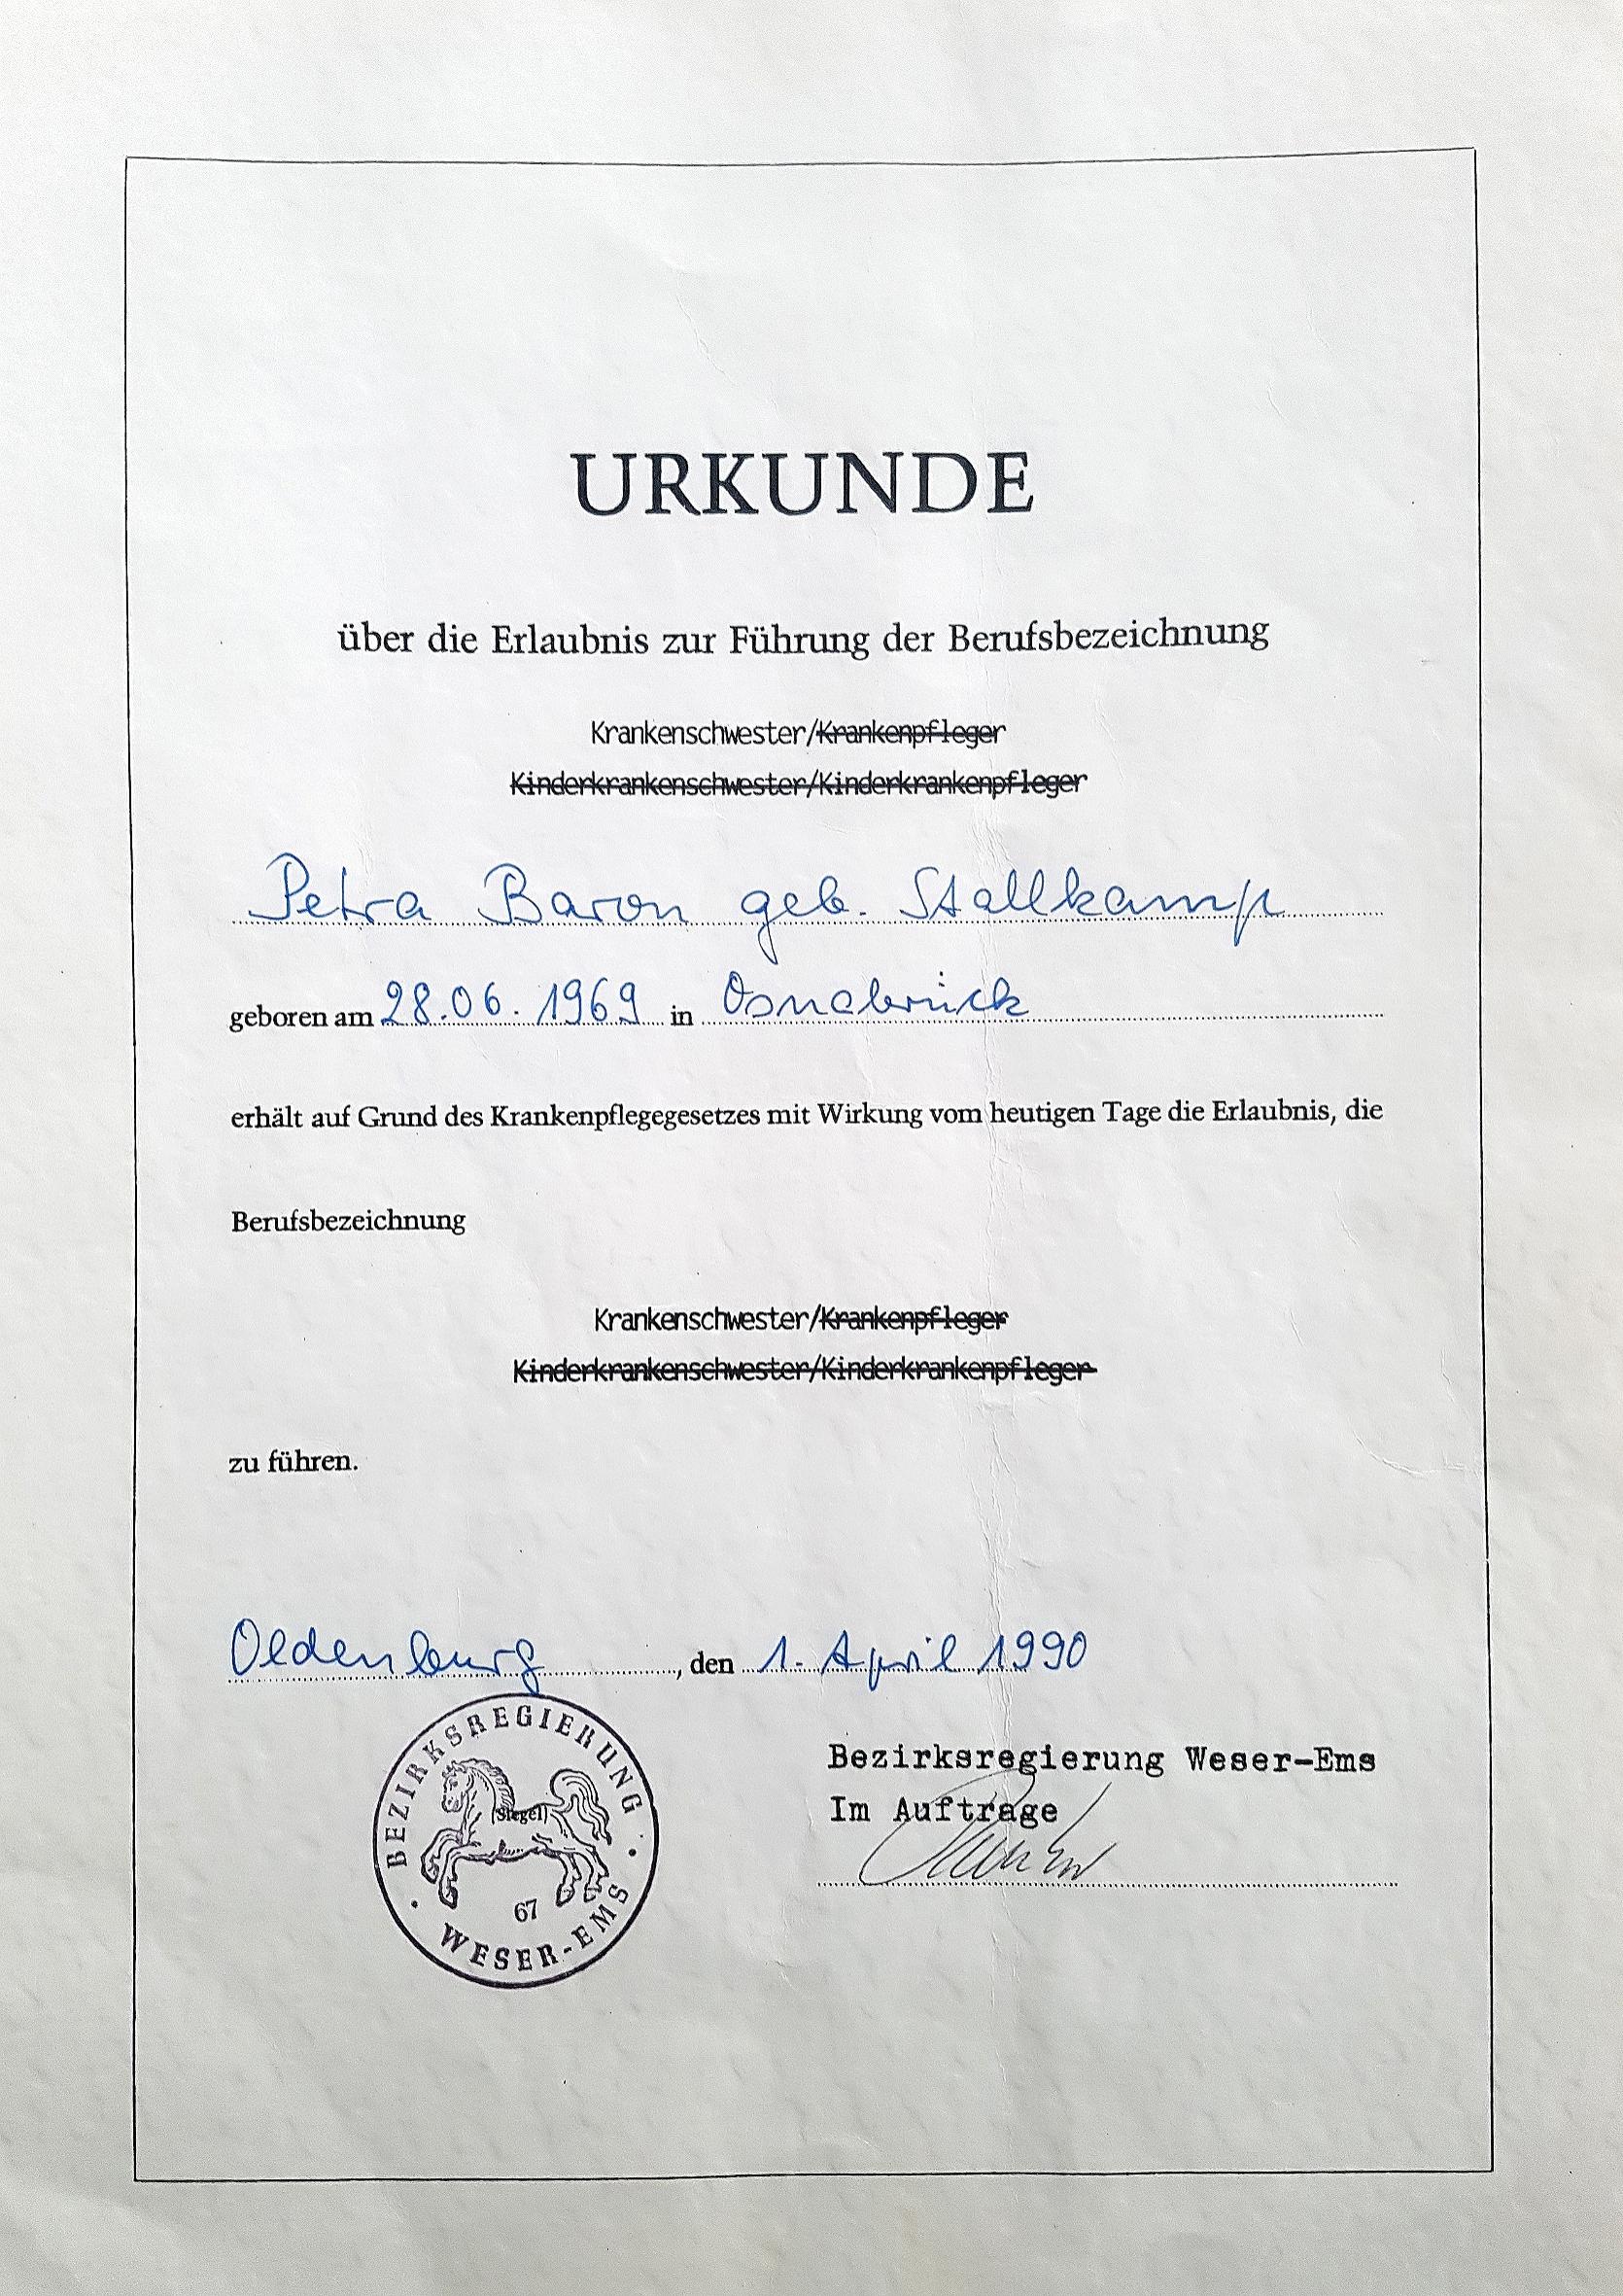 Urkunde zum Heilpraktiker